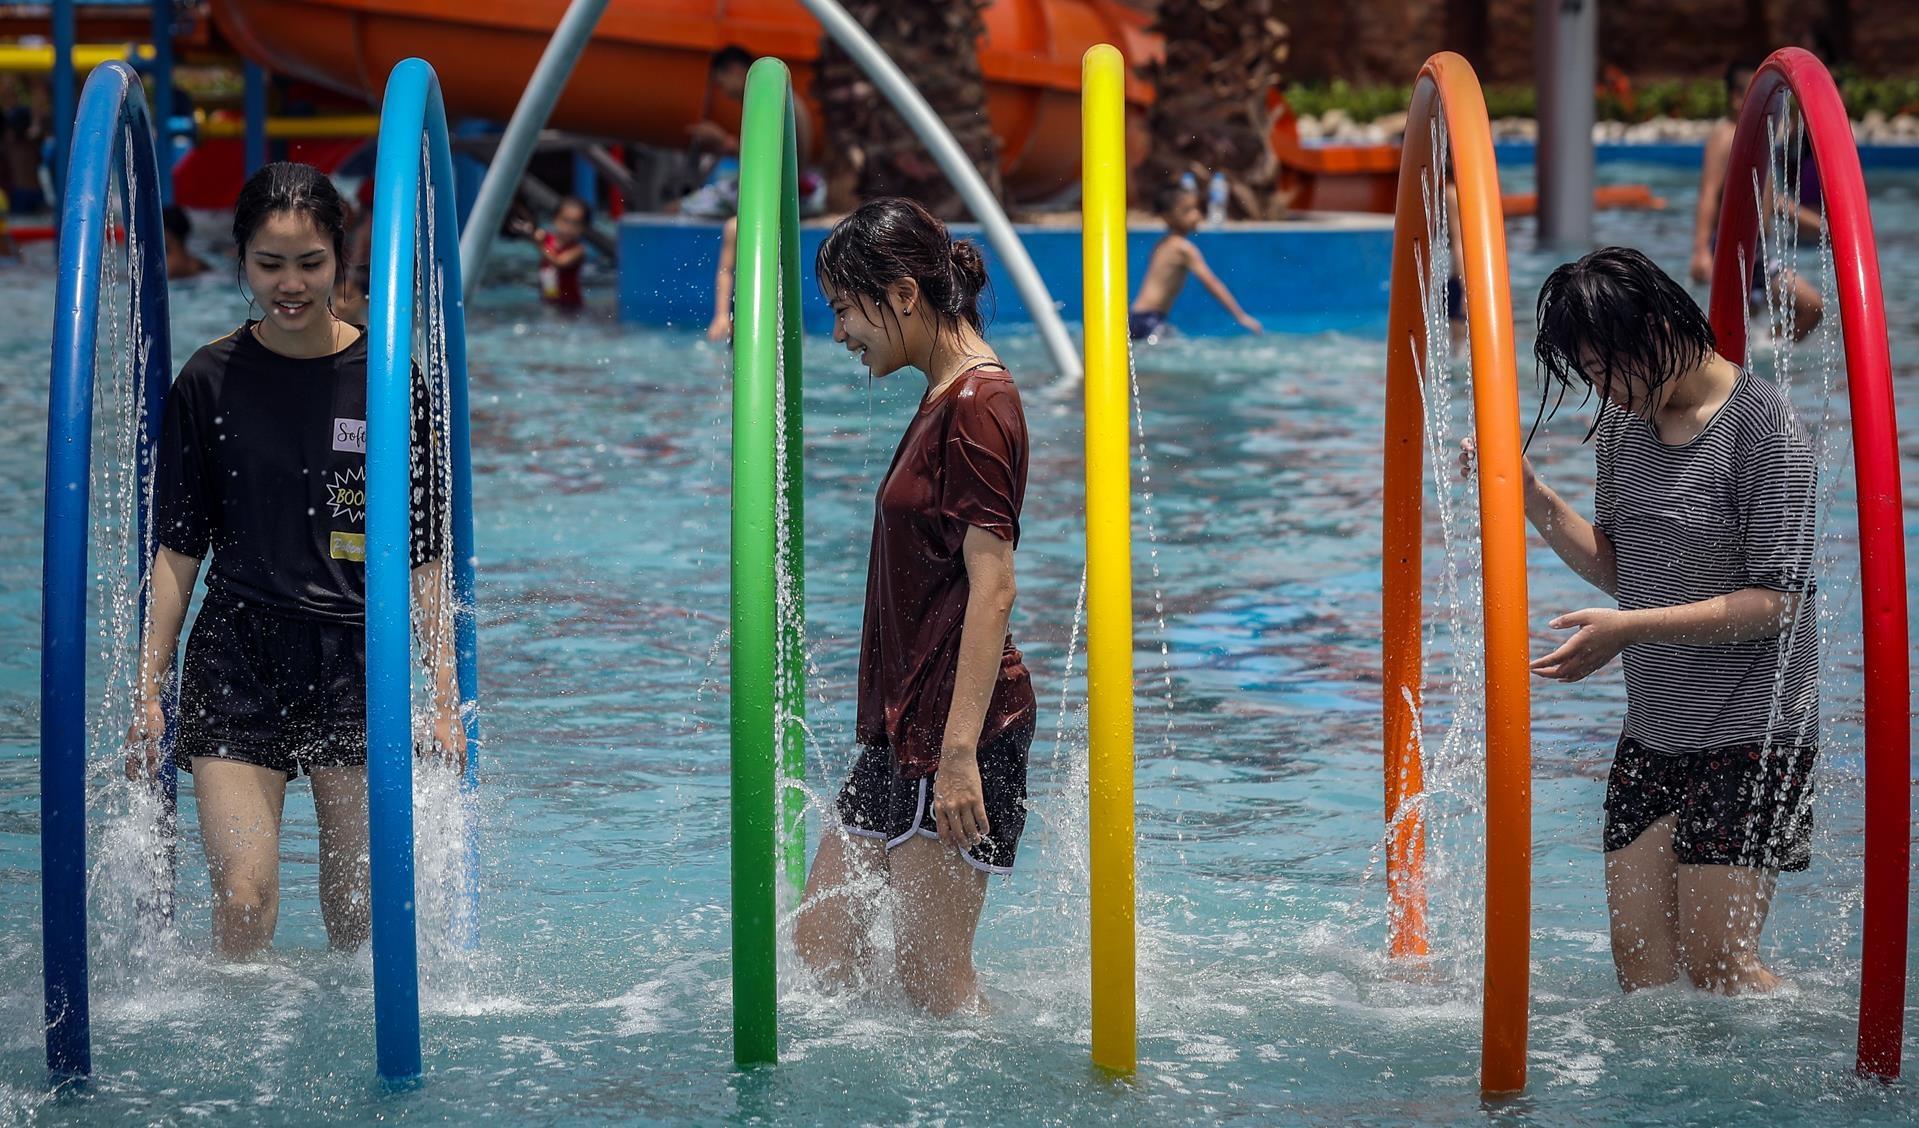 Các dịch vụ cho thuê đồ bơi chưa có, khiến nhiều cô gái không kịp chuẩn bị ở nhà, phải mặc nguyên cả thường phục khi xuống nước.